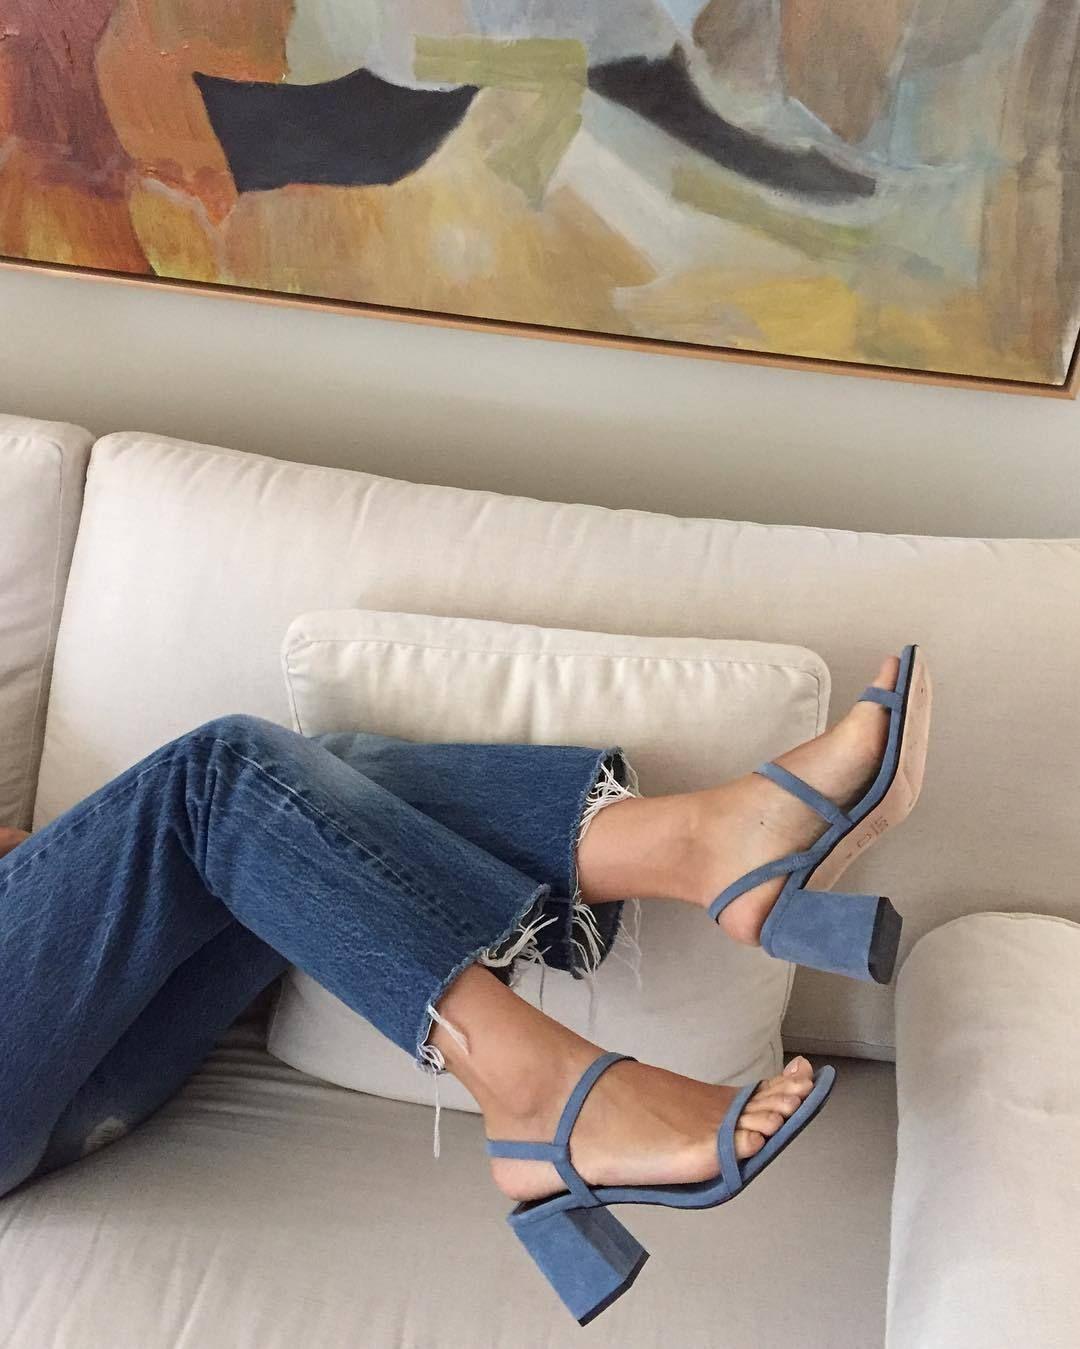 Shoes | Schoenen | Blue | Blauwe | Sandals | Heels